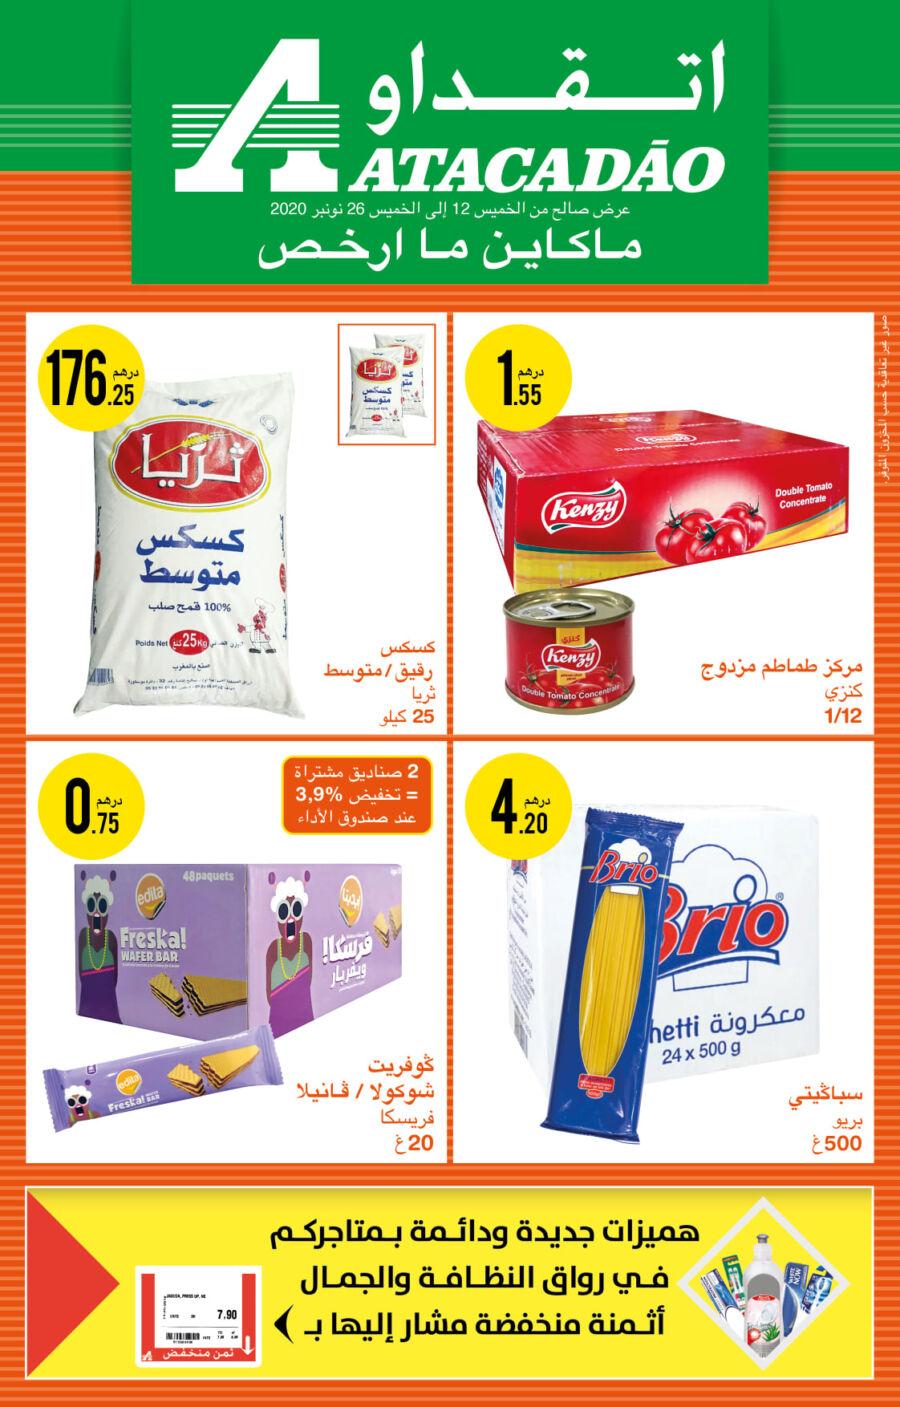 Catalogue Atacadao Maroc ما كاين ارخص du 12 au 28 Novembre 2020